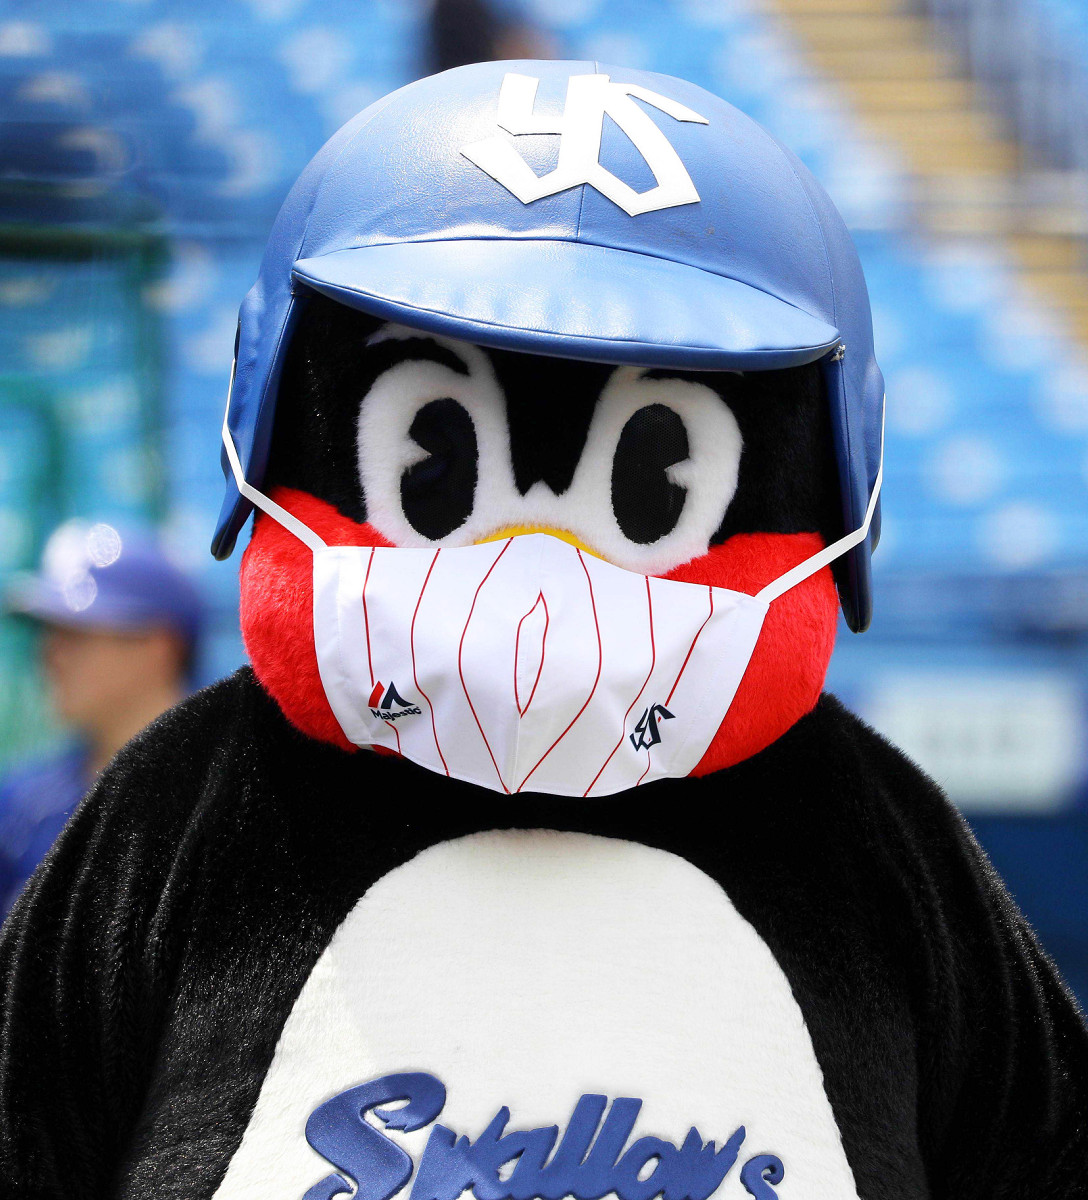 マスク姿のヤクルトの球団マスコット、つば九郎